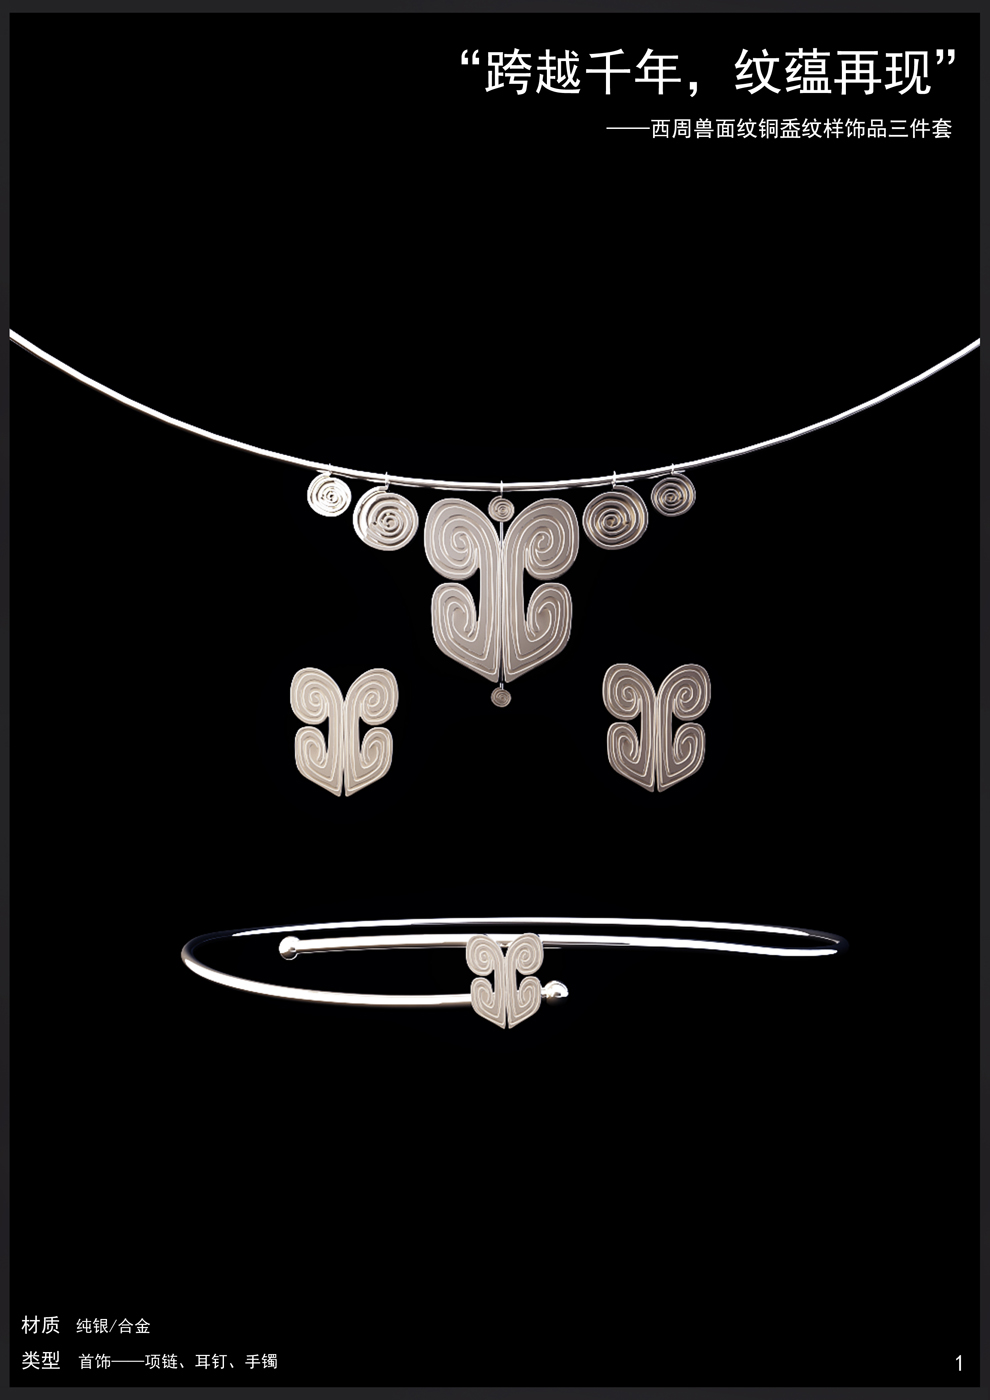 本纹饰作品设计以项链,耳钉,手镯视频三件套作为载体,是因为女性饰品